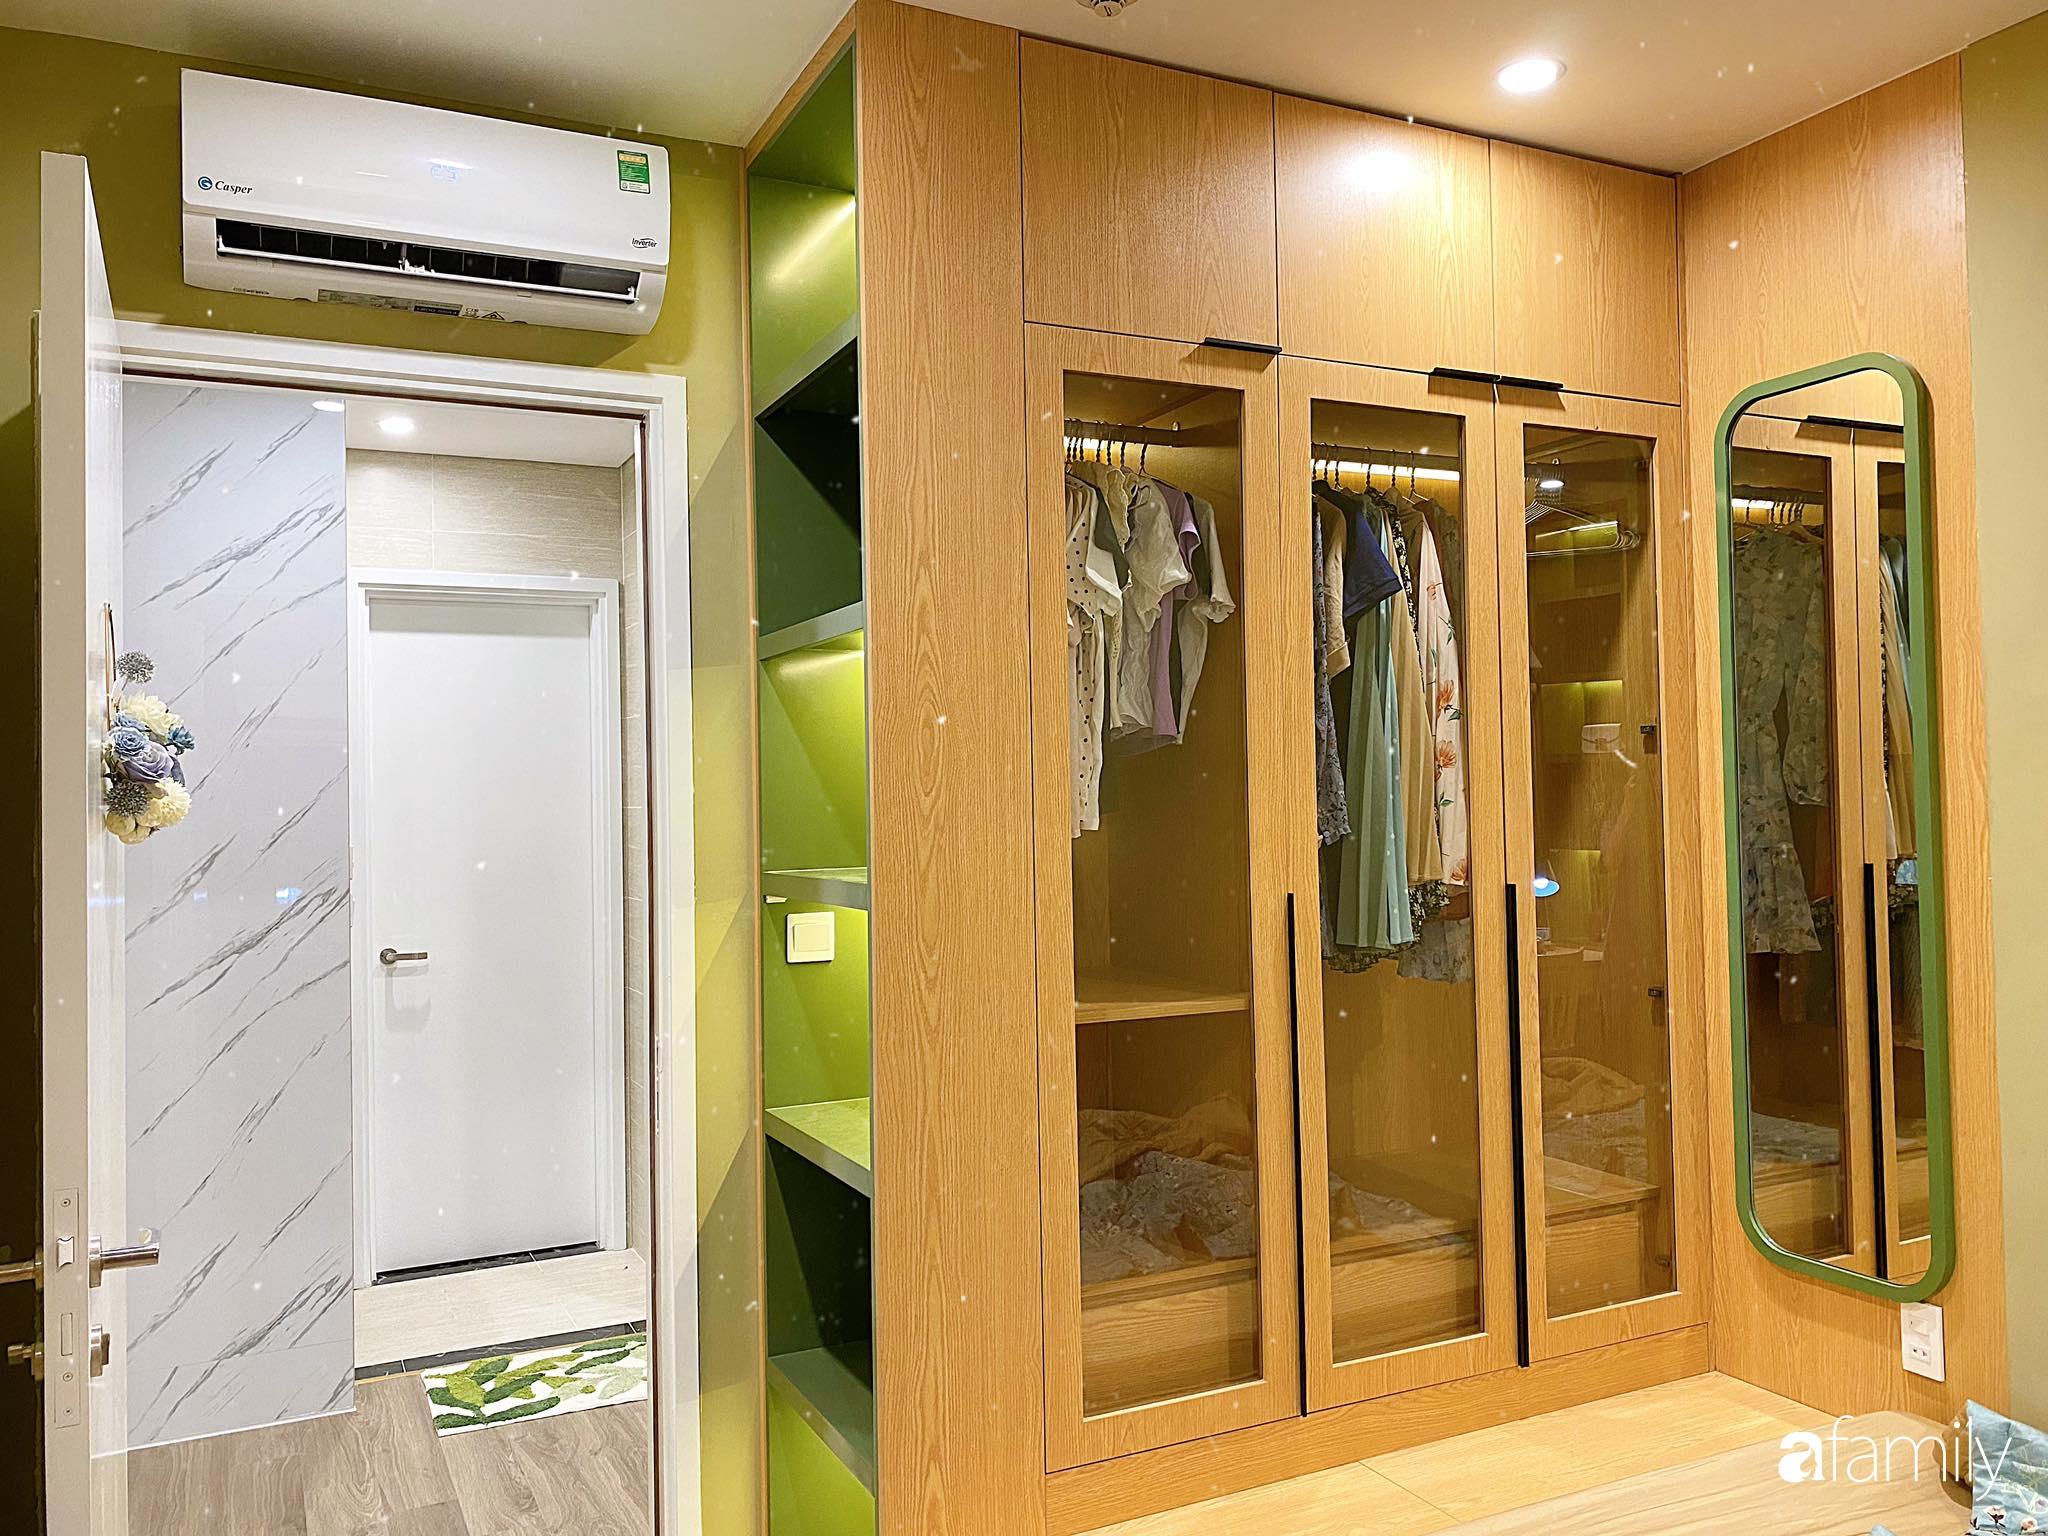 Căn hộ 59m² màu xanh lá xua tan nóng bức mùa hè có chi phí hoàn thiện 225 triệu đồng ở Hà Nội - Ảnh 15.